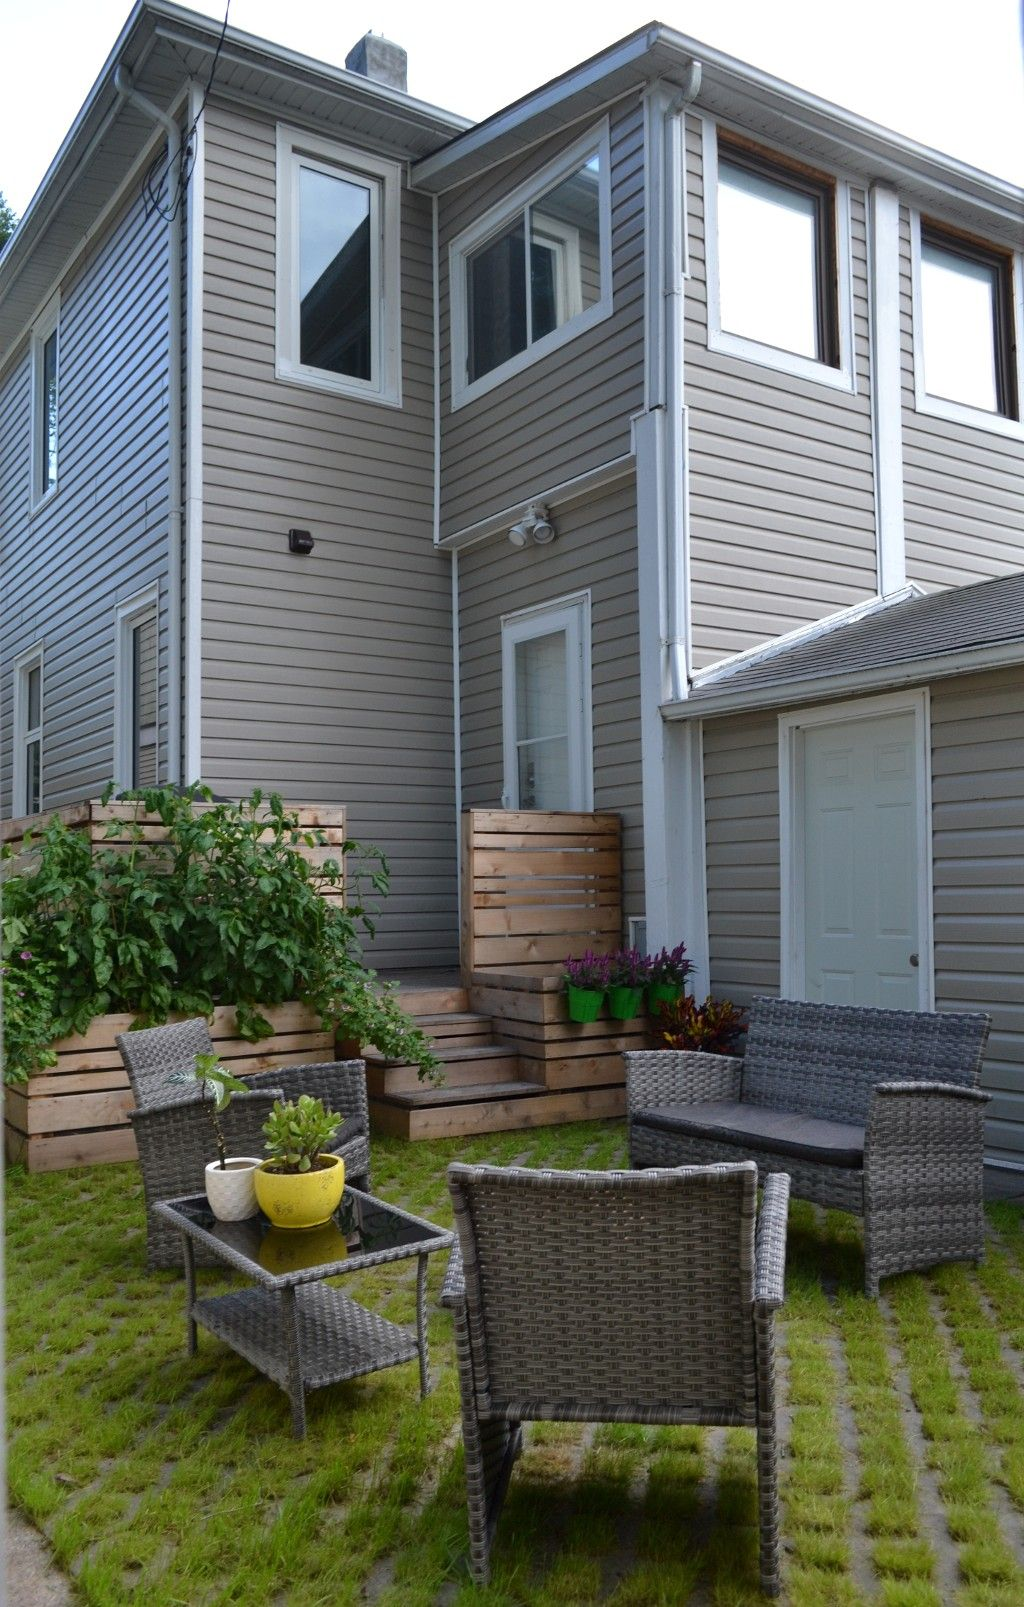 Photo 34: Photos: 1199 Wolseley Avenue in WINNIPEG: Wolseley Single Family Detached for sale (West Winnipeg)  : MLS®# 1509762